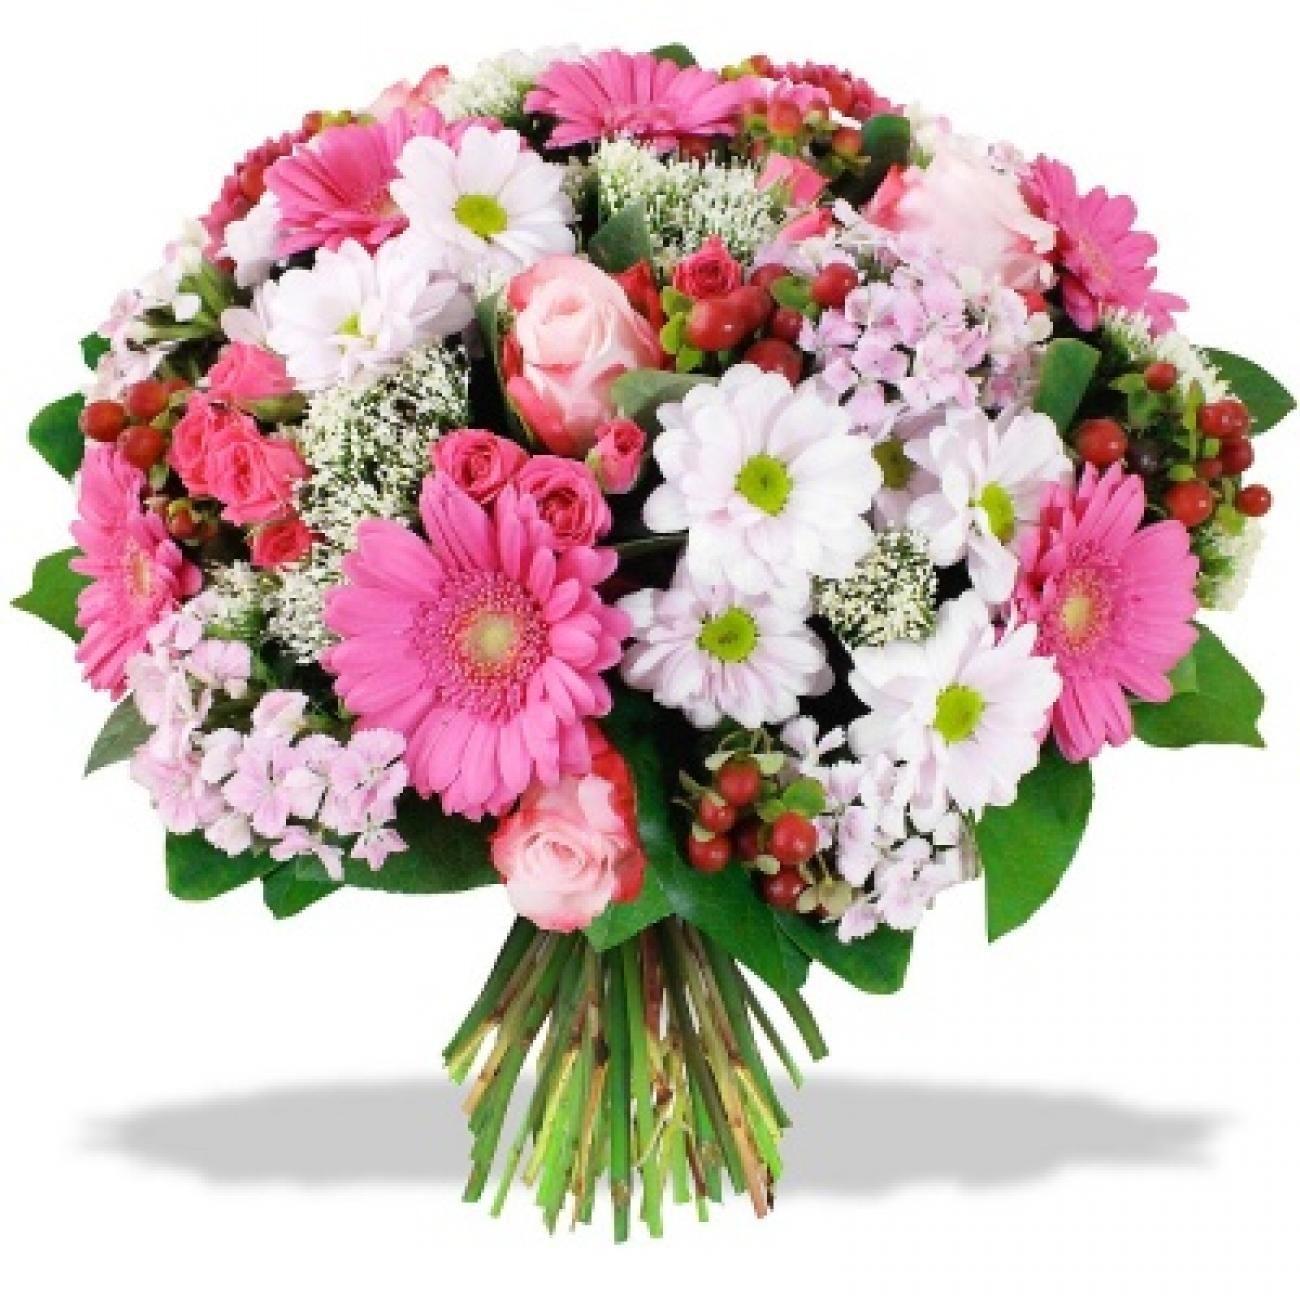 Купить цветы в Казани: доставка букетов круглосуточно 15